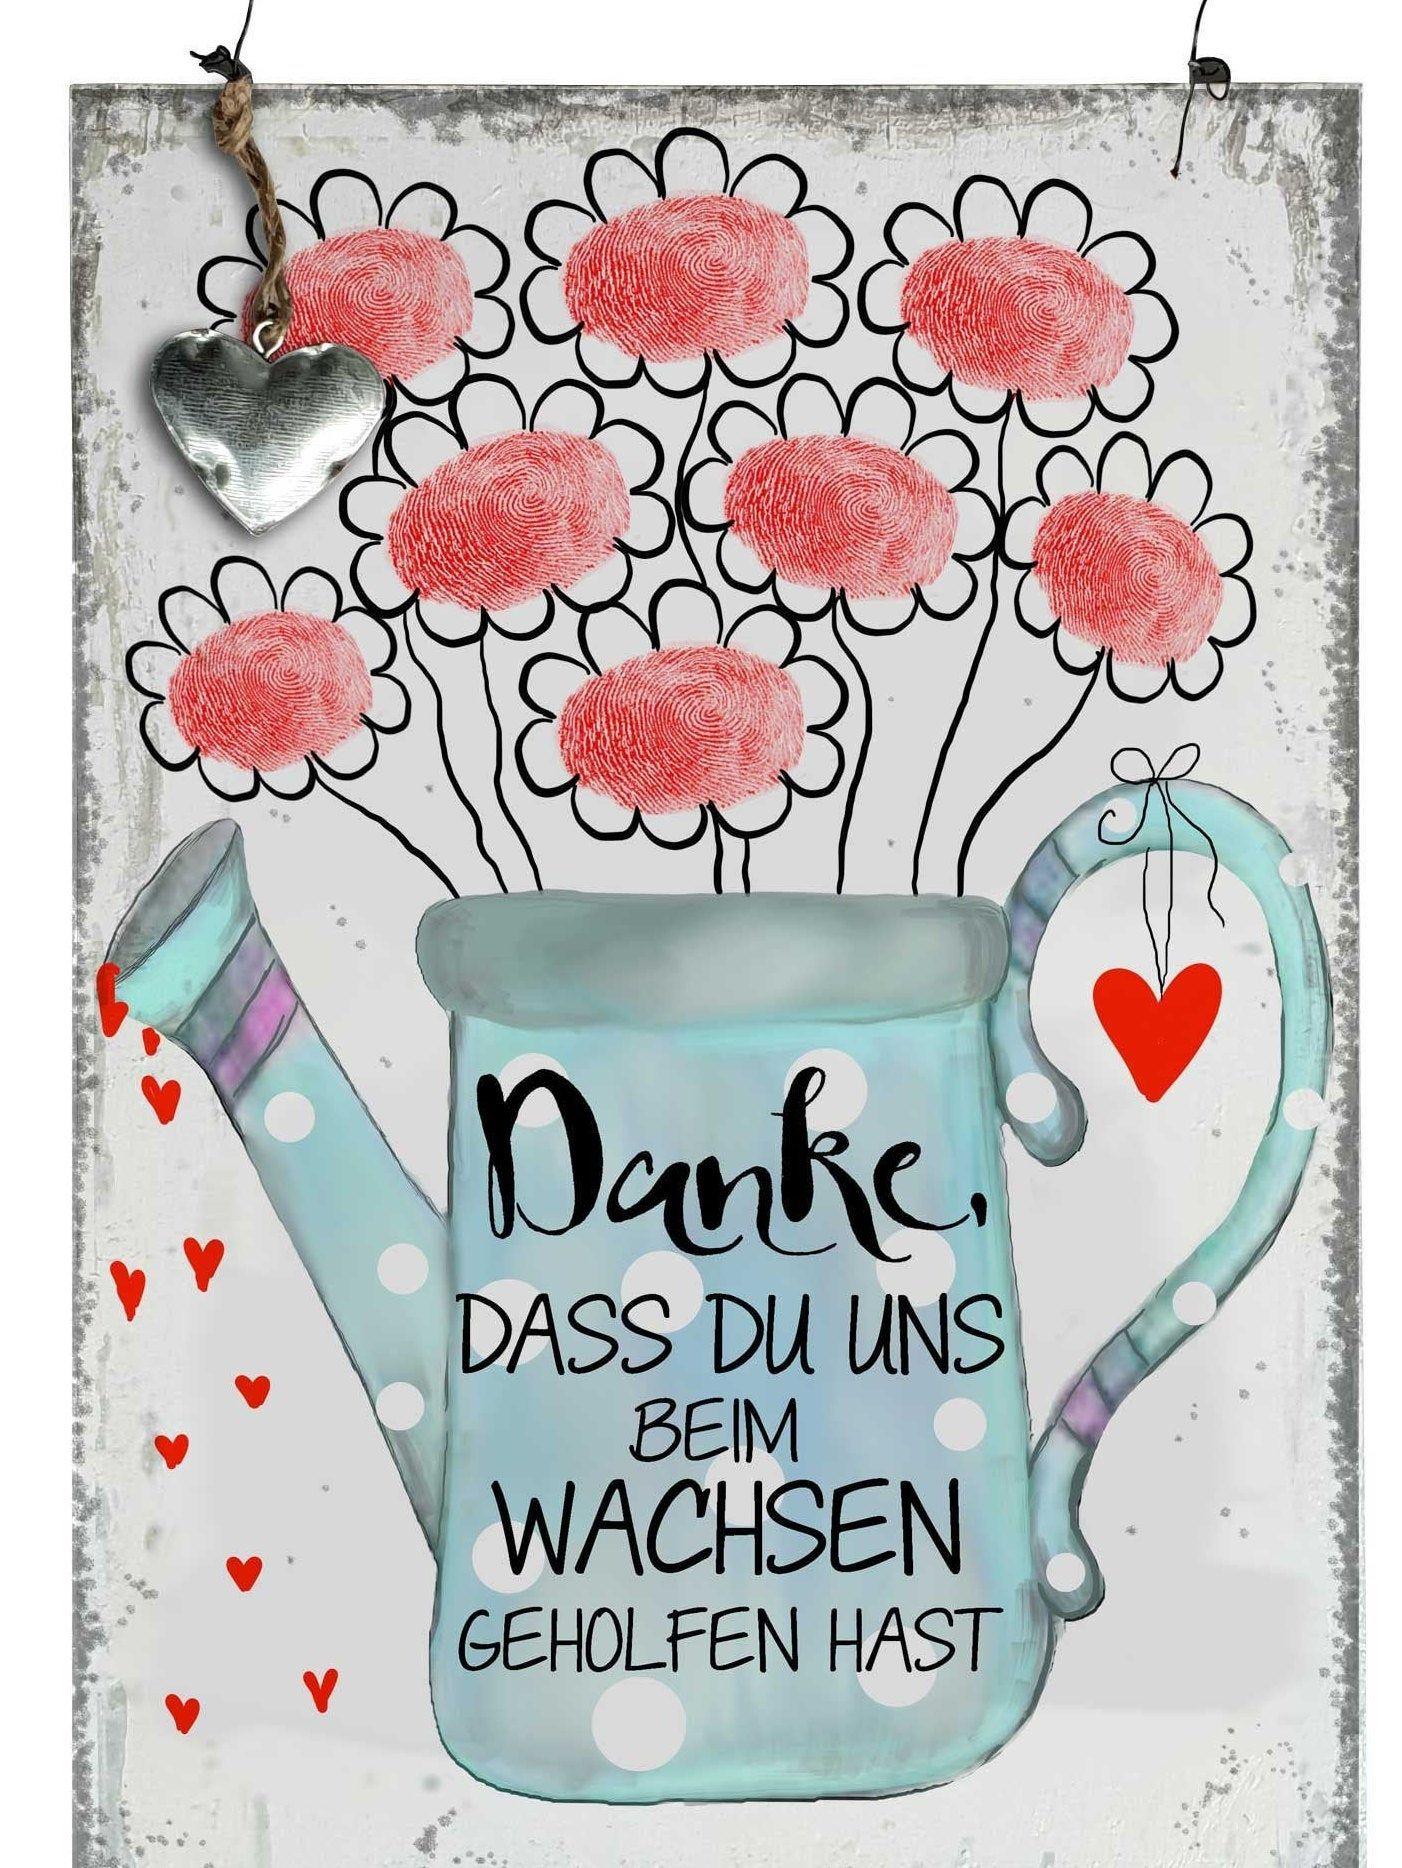 Abschiedsgeschenk Lehrerin Geschenk Erzieherin Holzschild mit Spruch Vintage Holzbild A4 Abschied Kindergarten Danke daß du uns beim wachsen